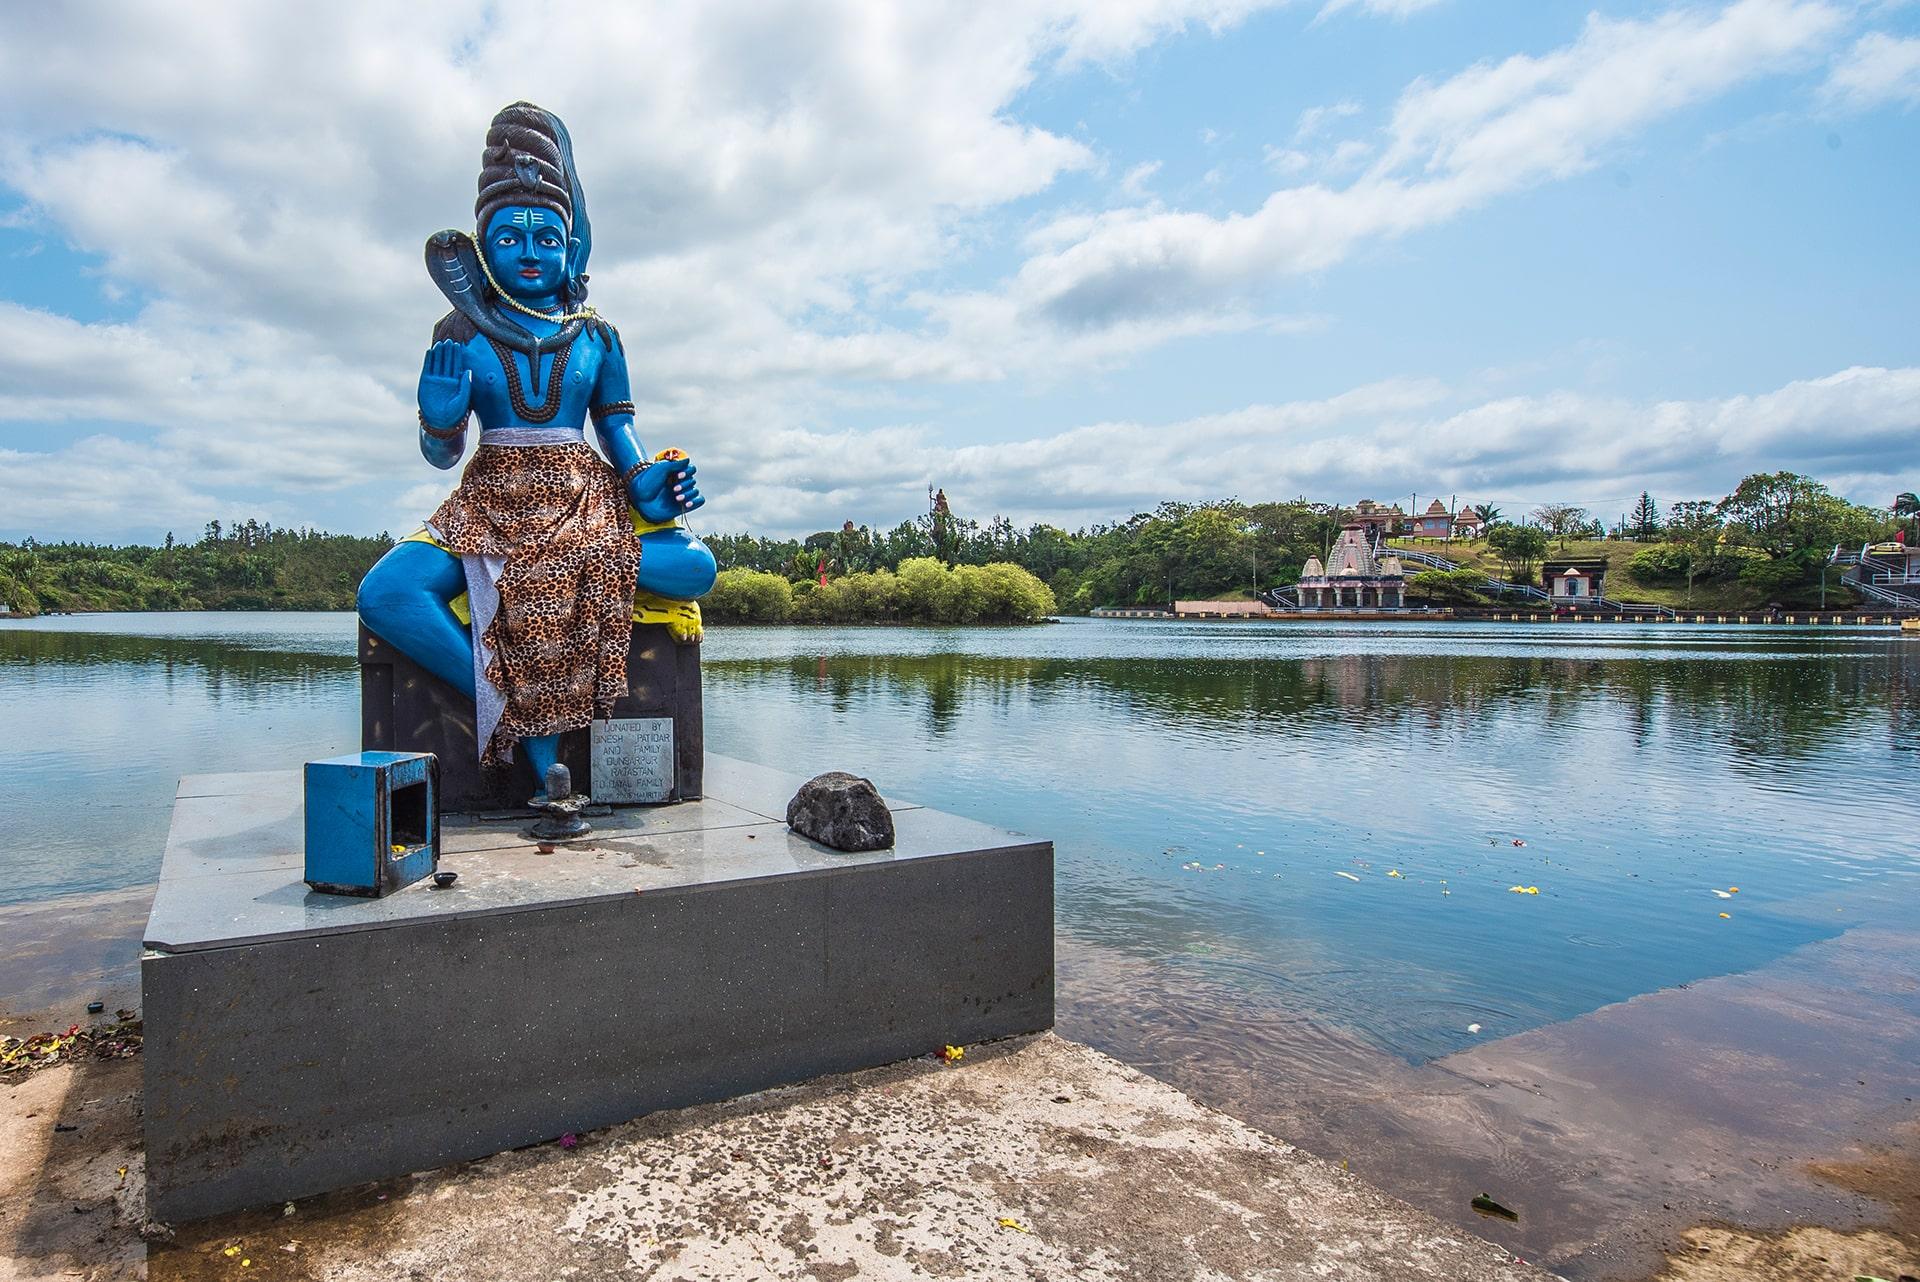 Grand Bassin au Parc Animalier Casela- Le duo de choc ! L'île Maurice et l'île de la Réunion - Suivre sa Joie - Saskia Parein